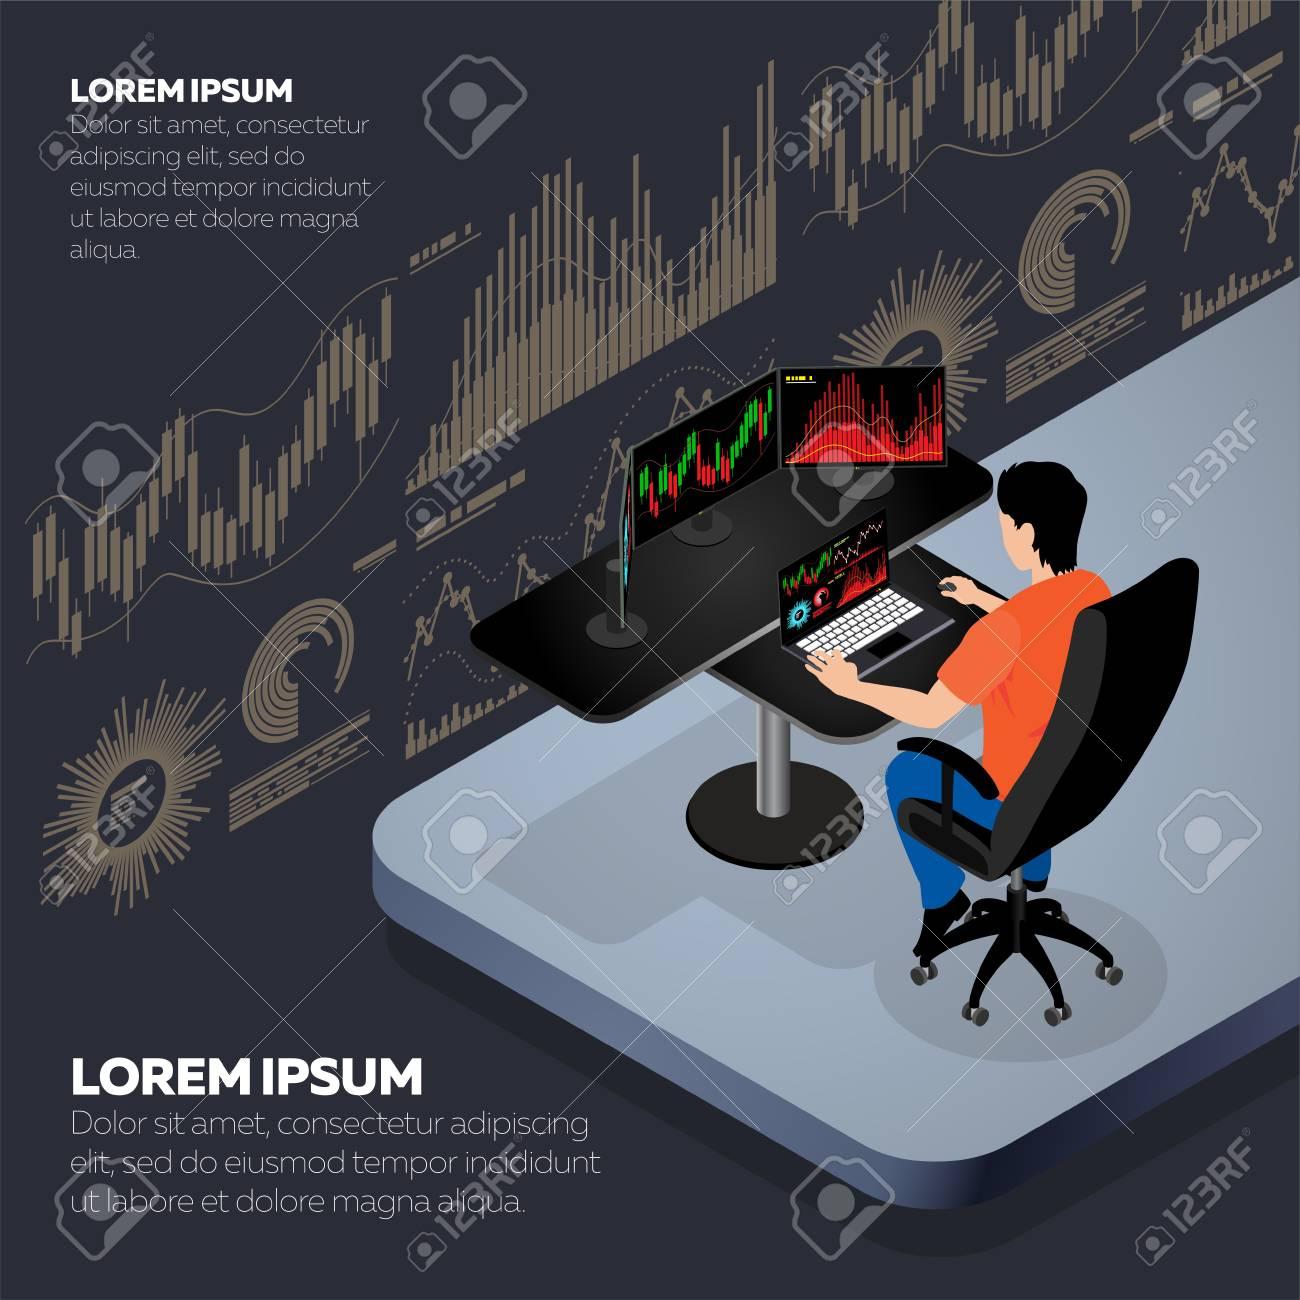 Businessman or stock market trader - 103197254